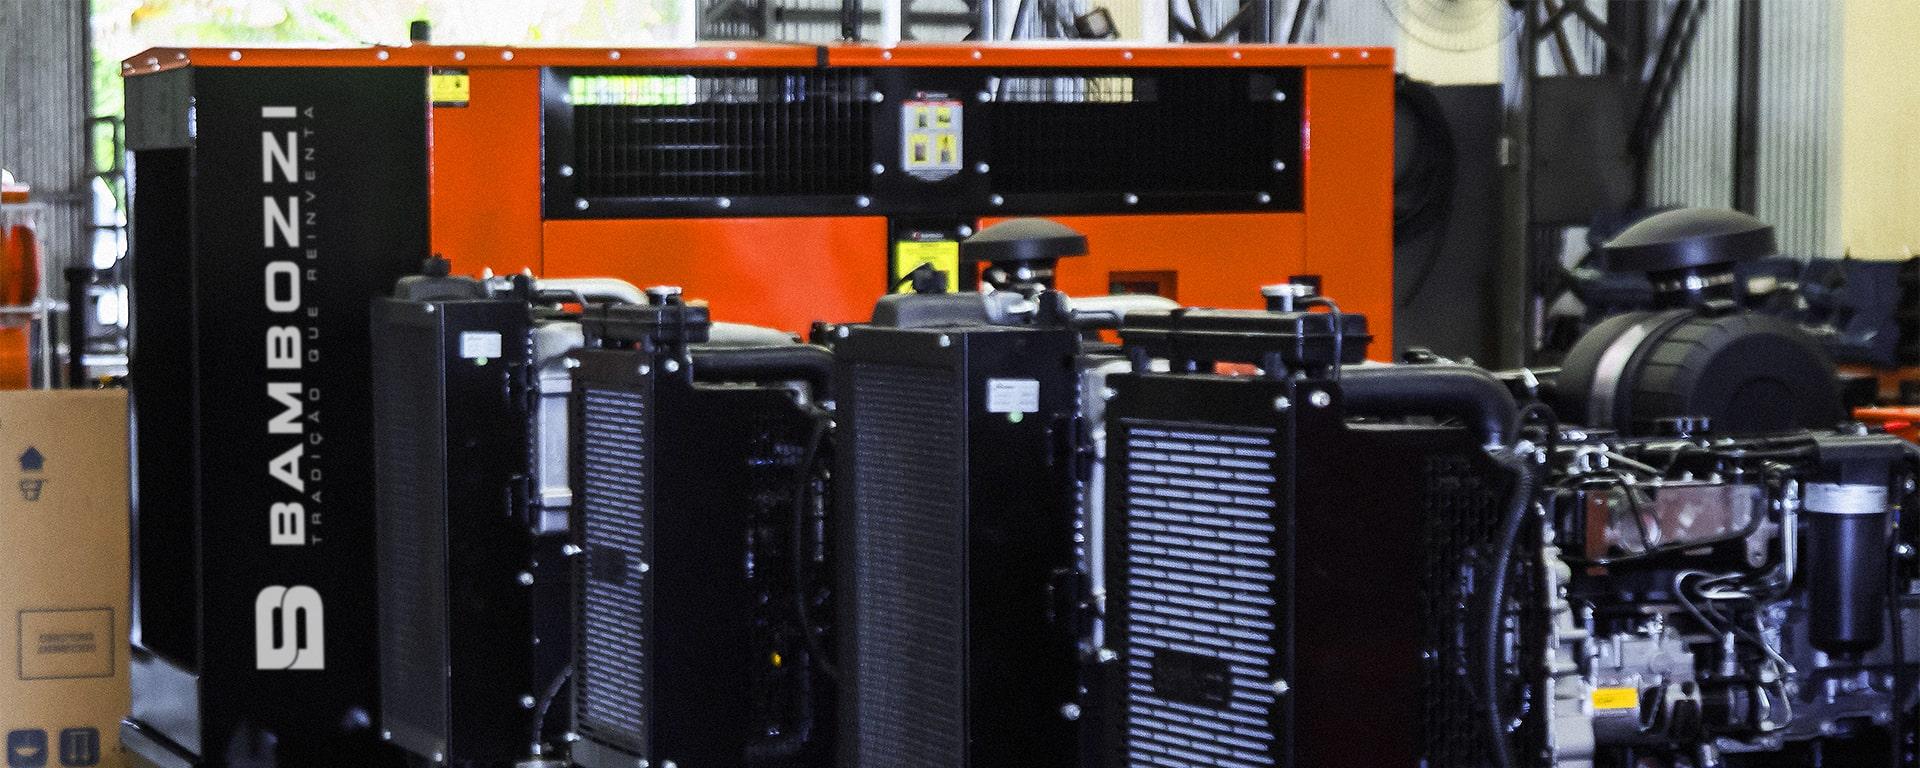 bambozzi-alternadores-grupo-geradores-solda-máquinas-talhas-moto-2